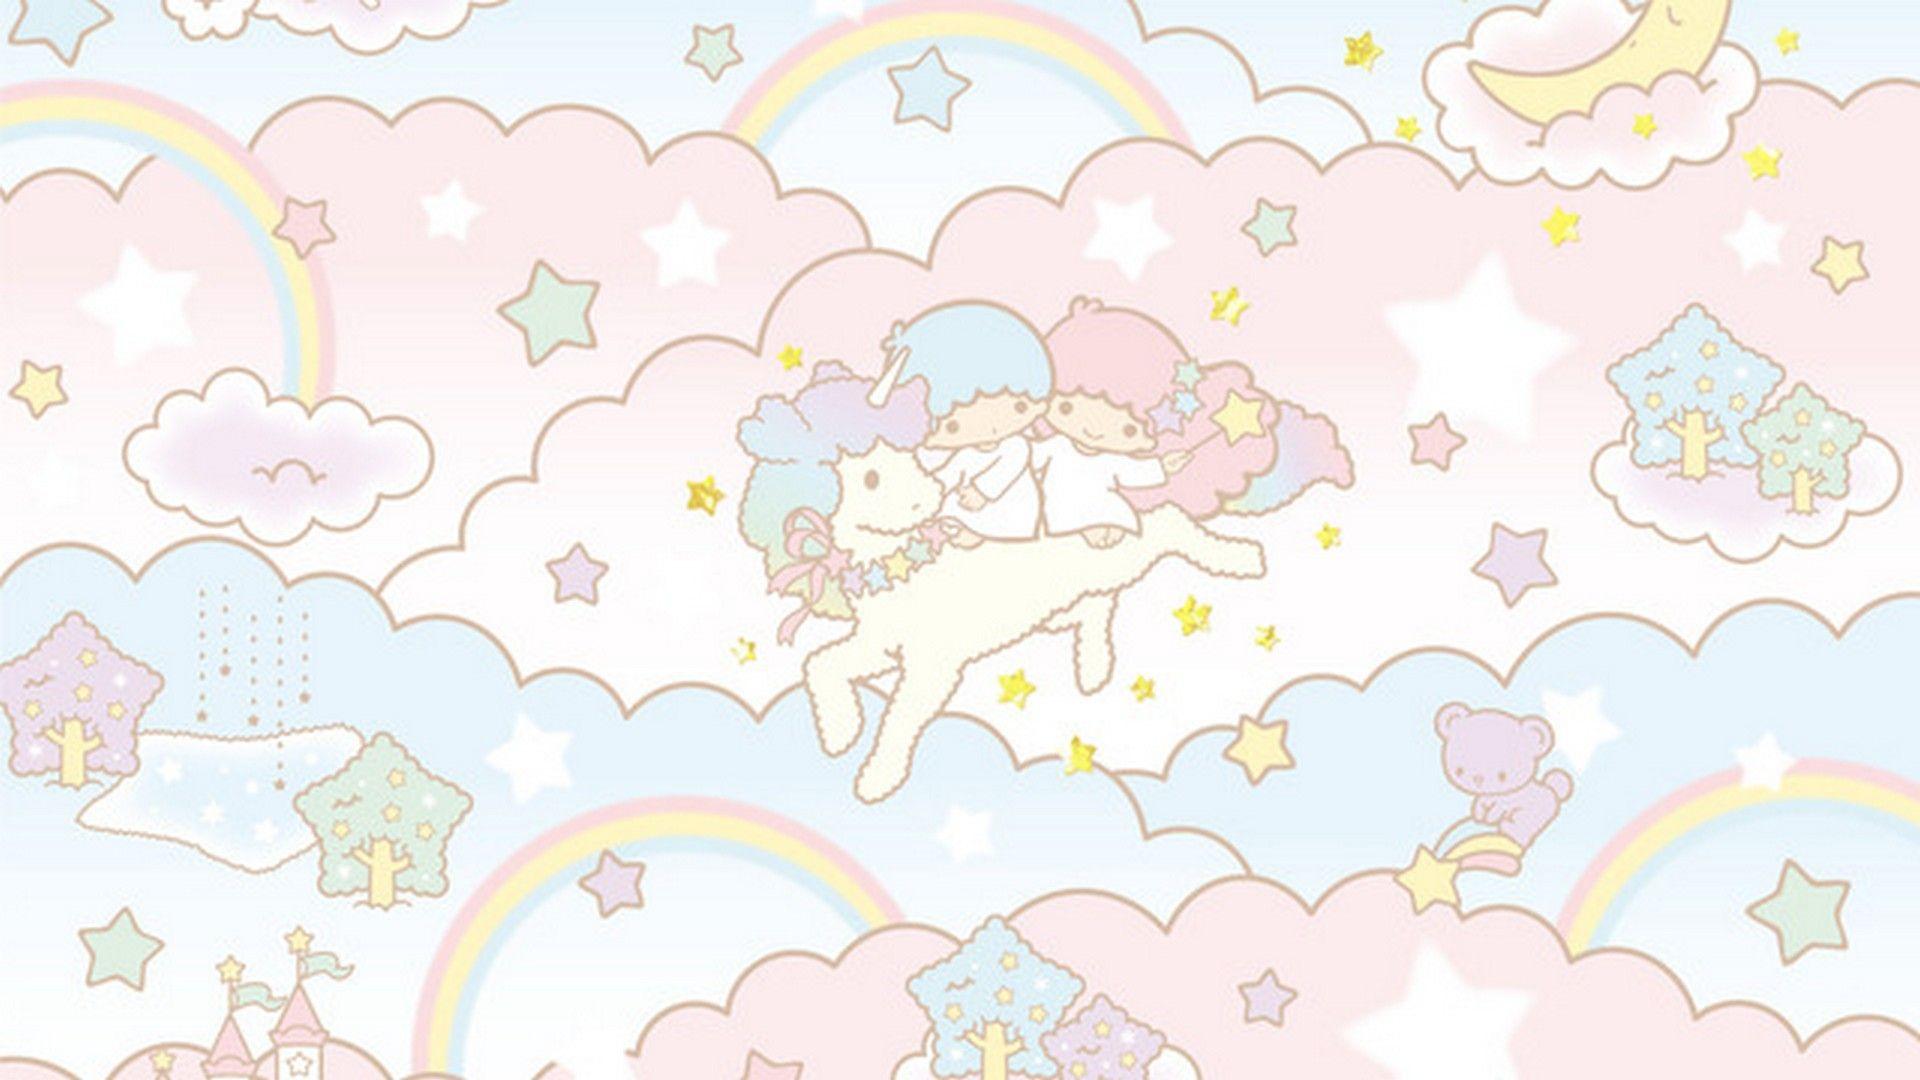 Cute Girly Unicorn Desktop Wallpaper Best Wallpaper Hd In 2020 Little Twin Stars Cute Wallpapers Star Wallpaper